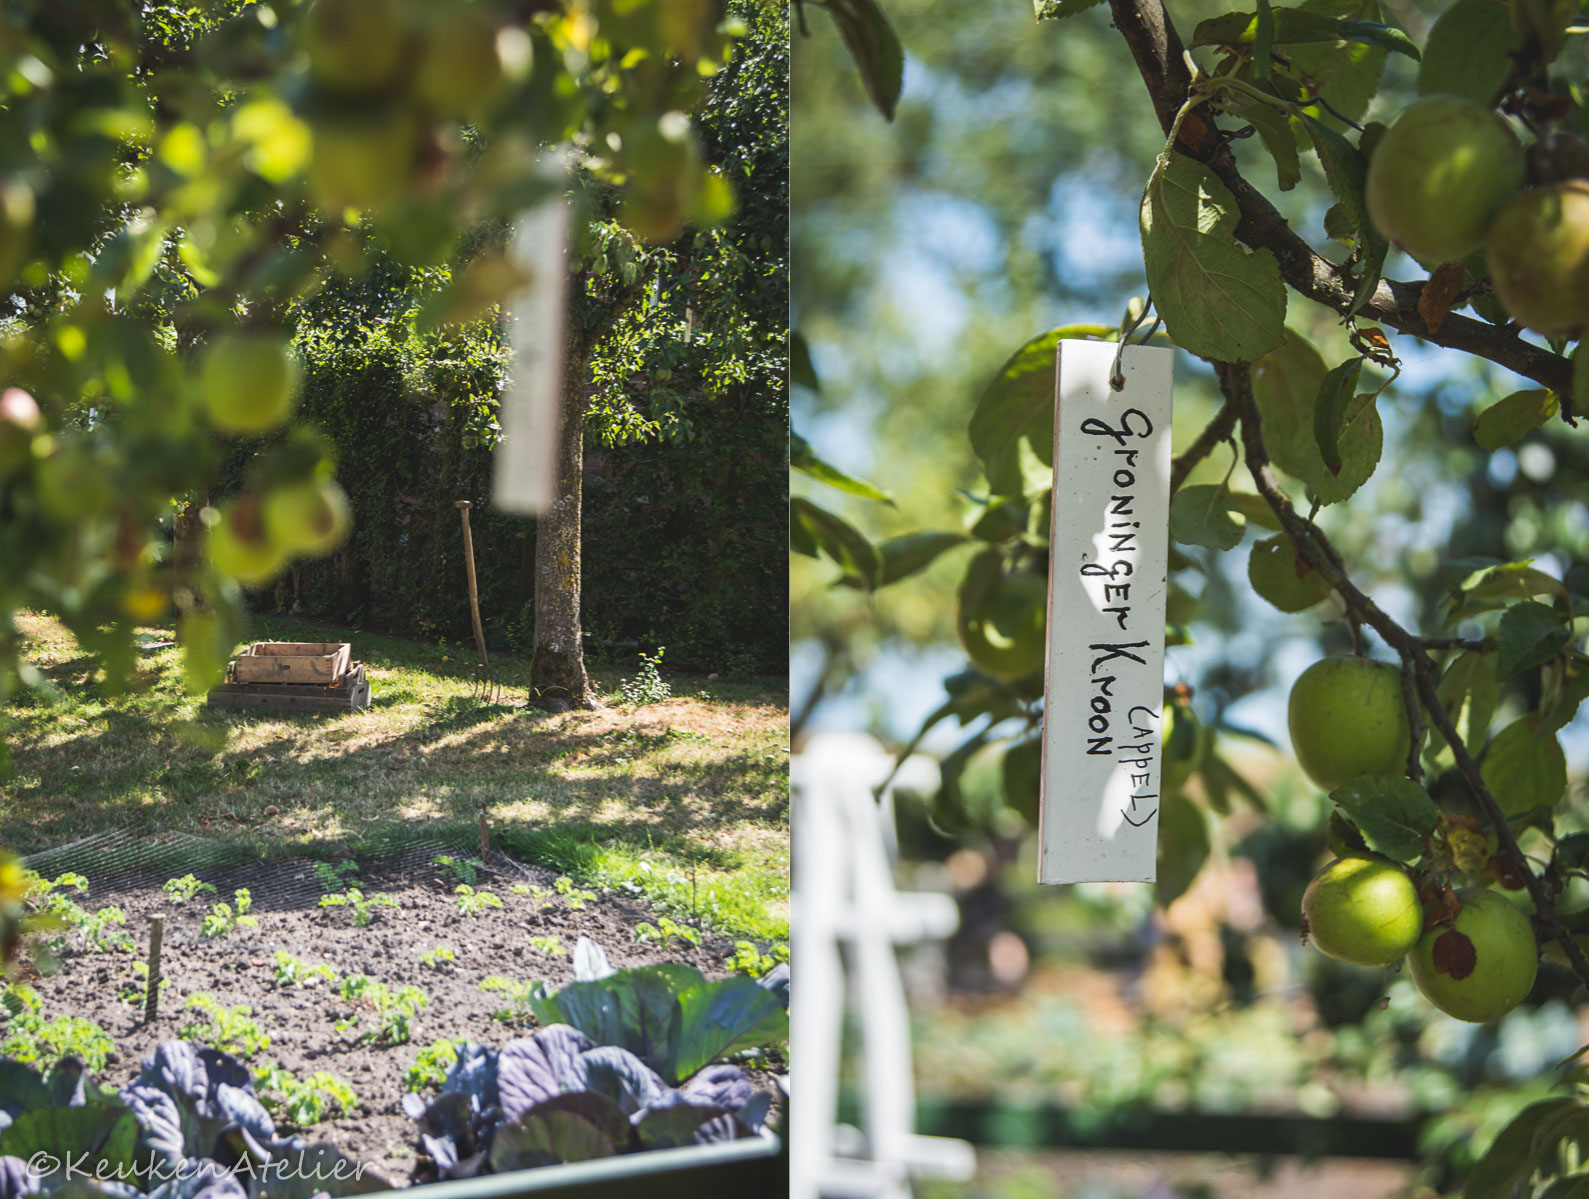 Appelboom Zuiderzeemuseum